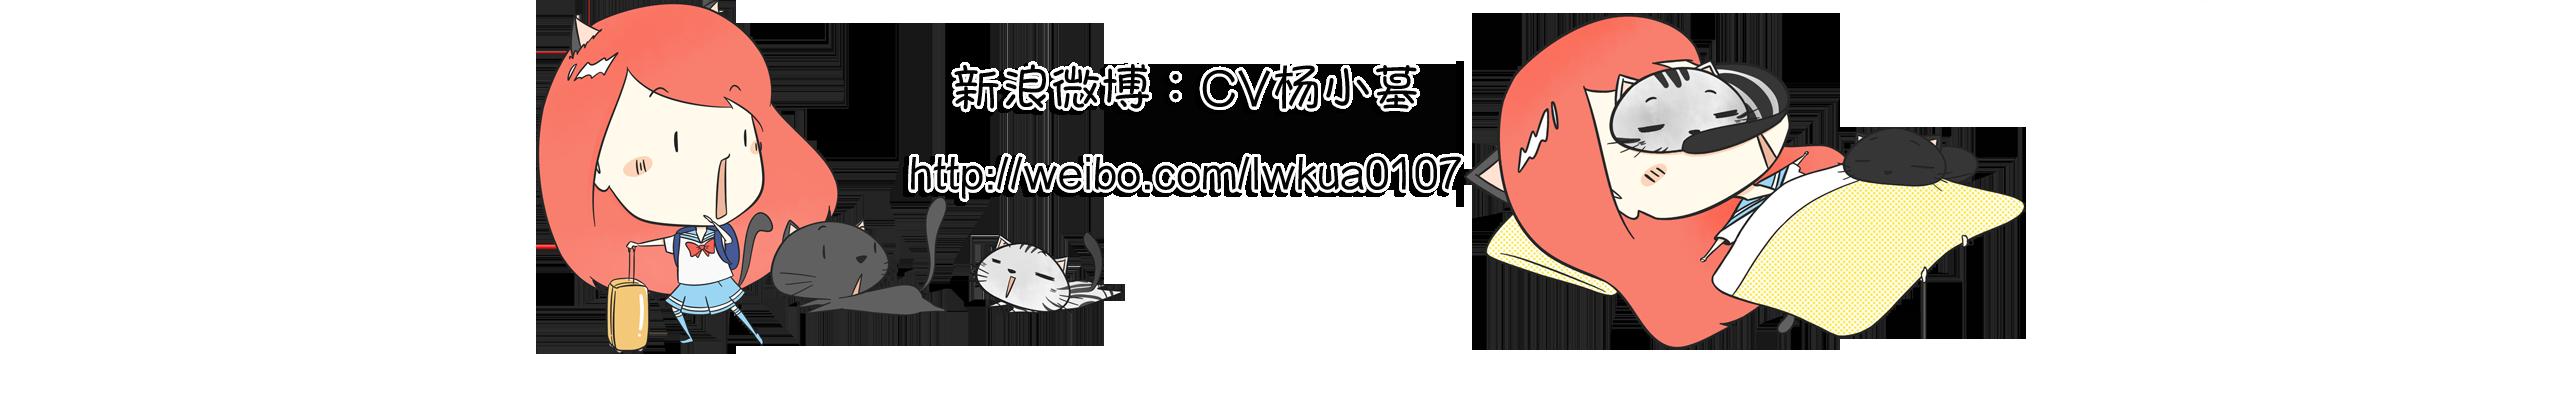 杨小墓 banner